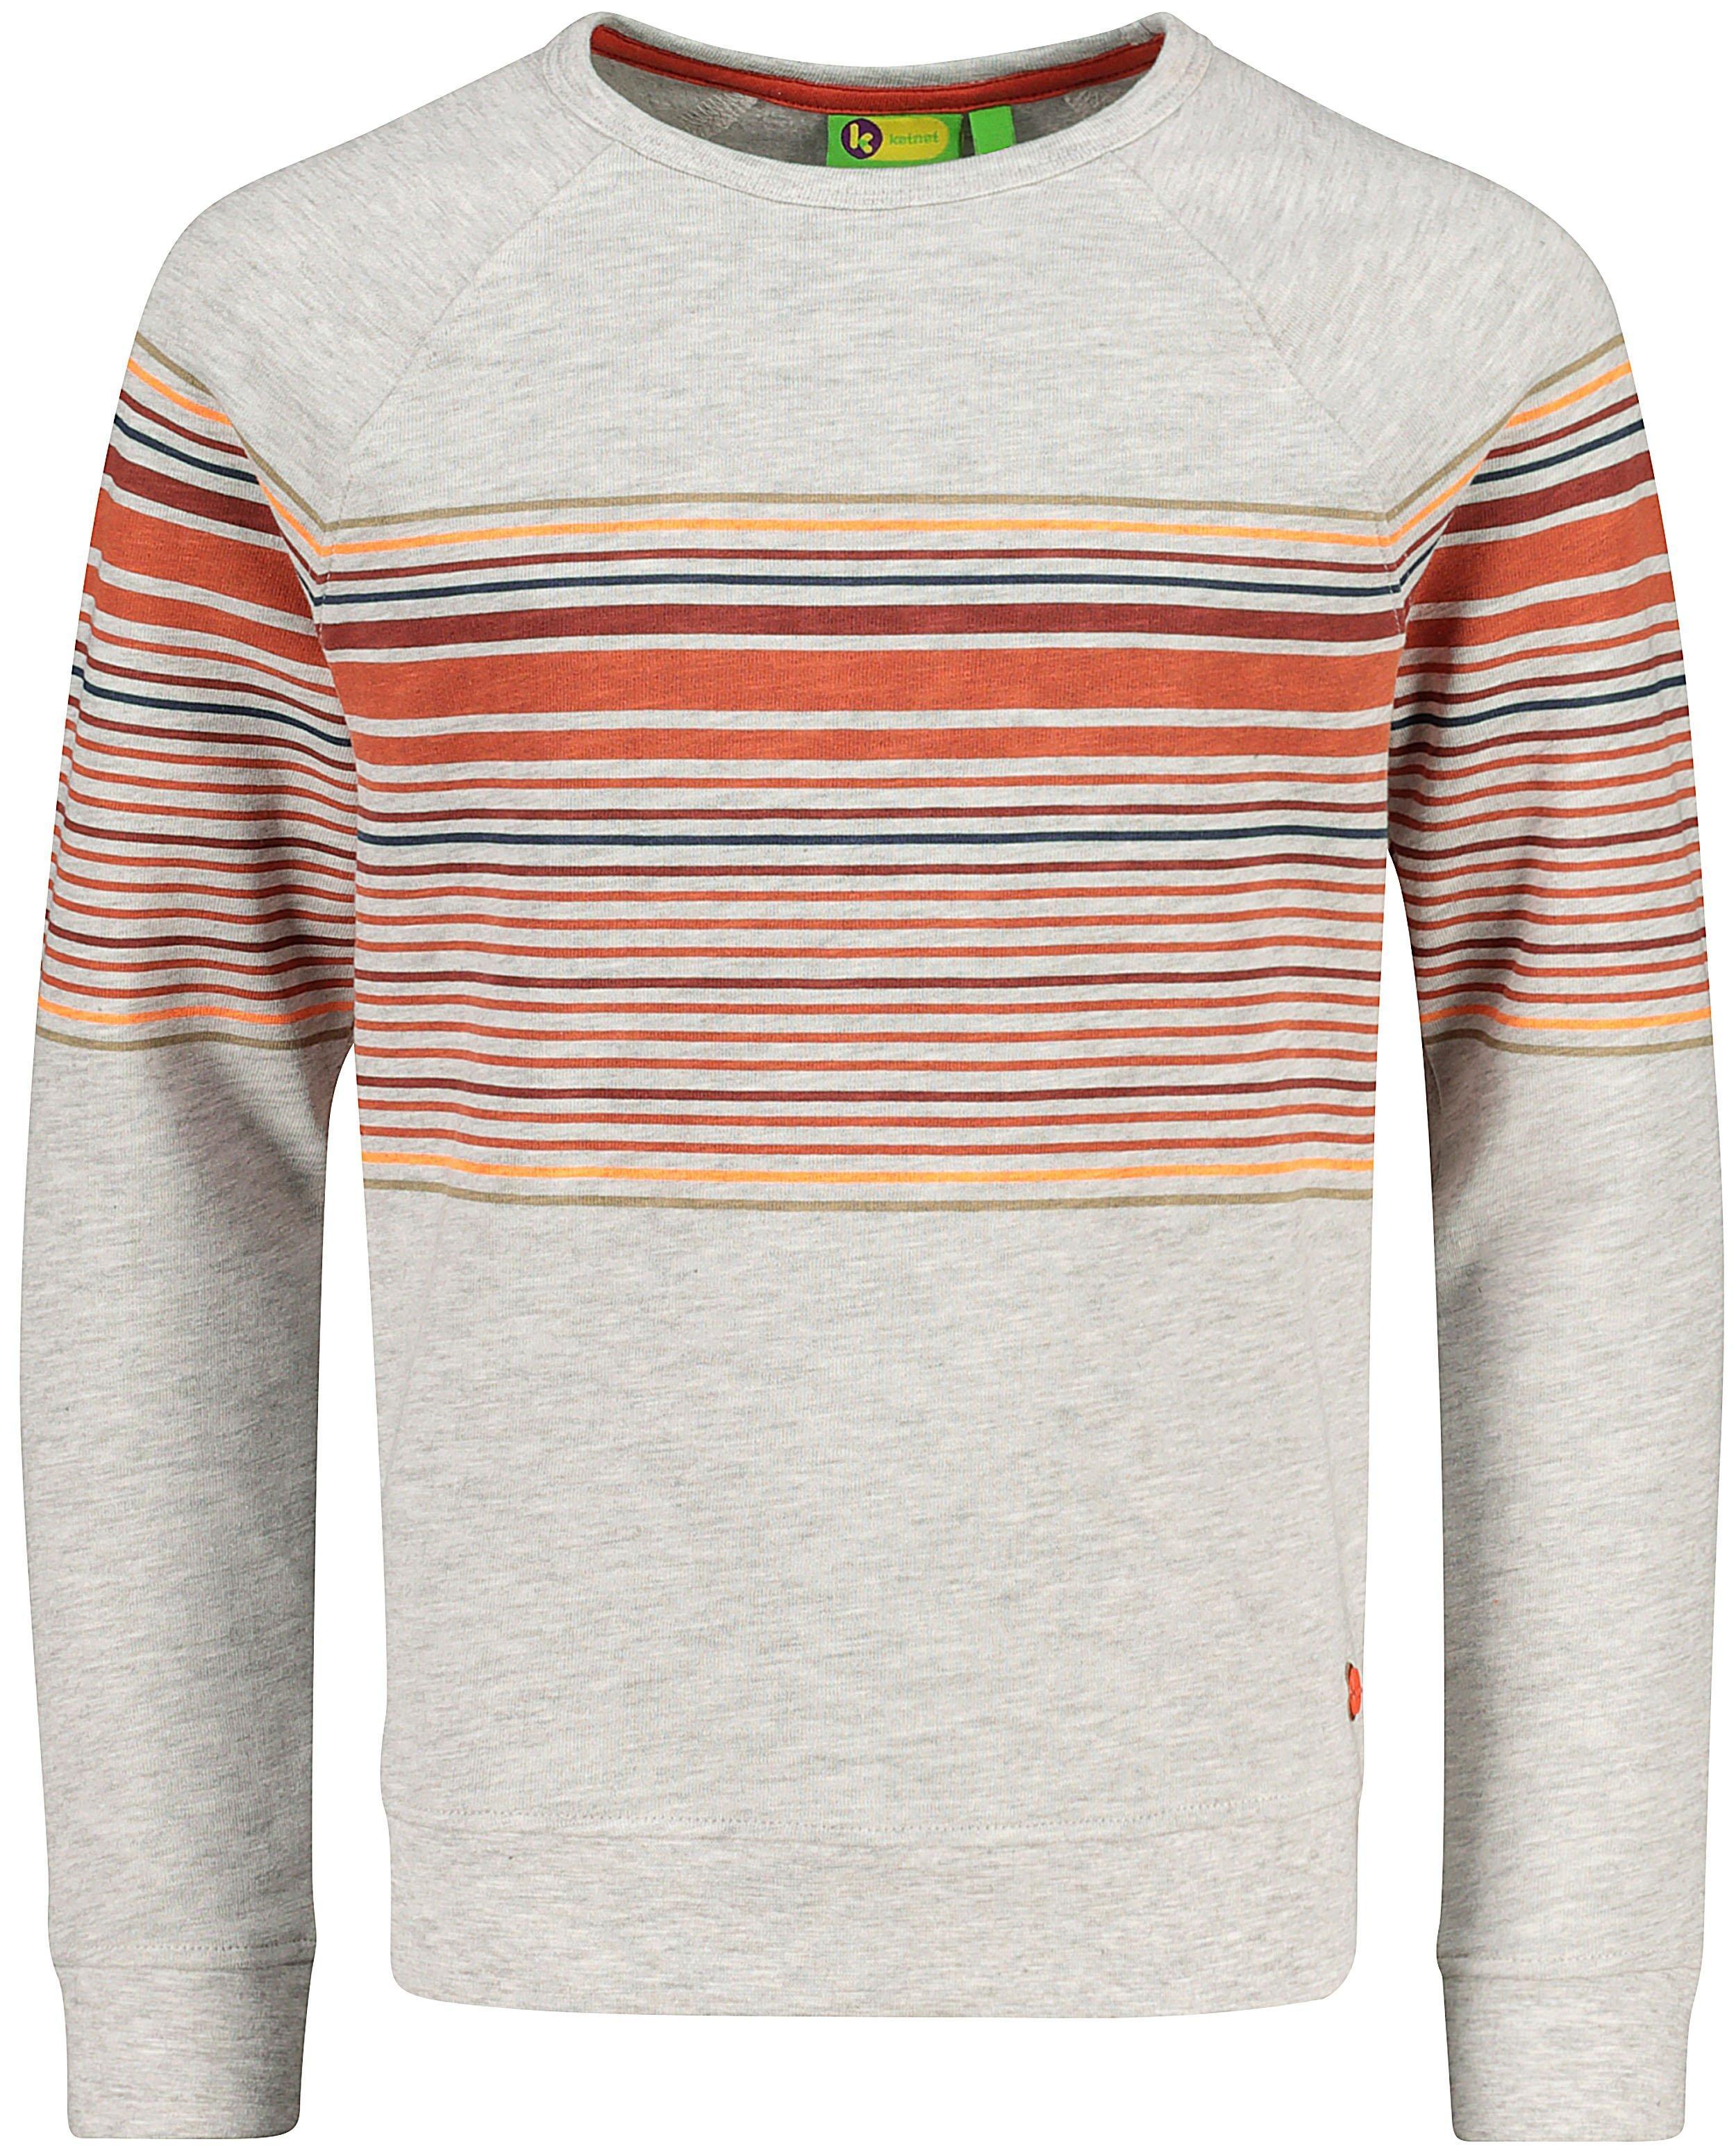 Lichtgrijze sweater met strepen #LikeMe